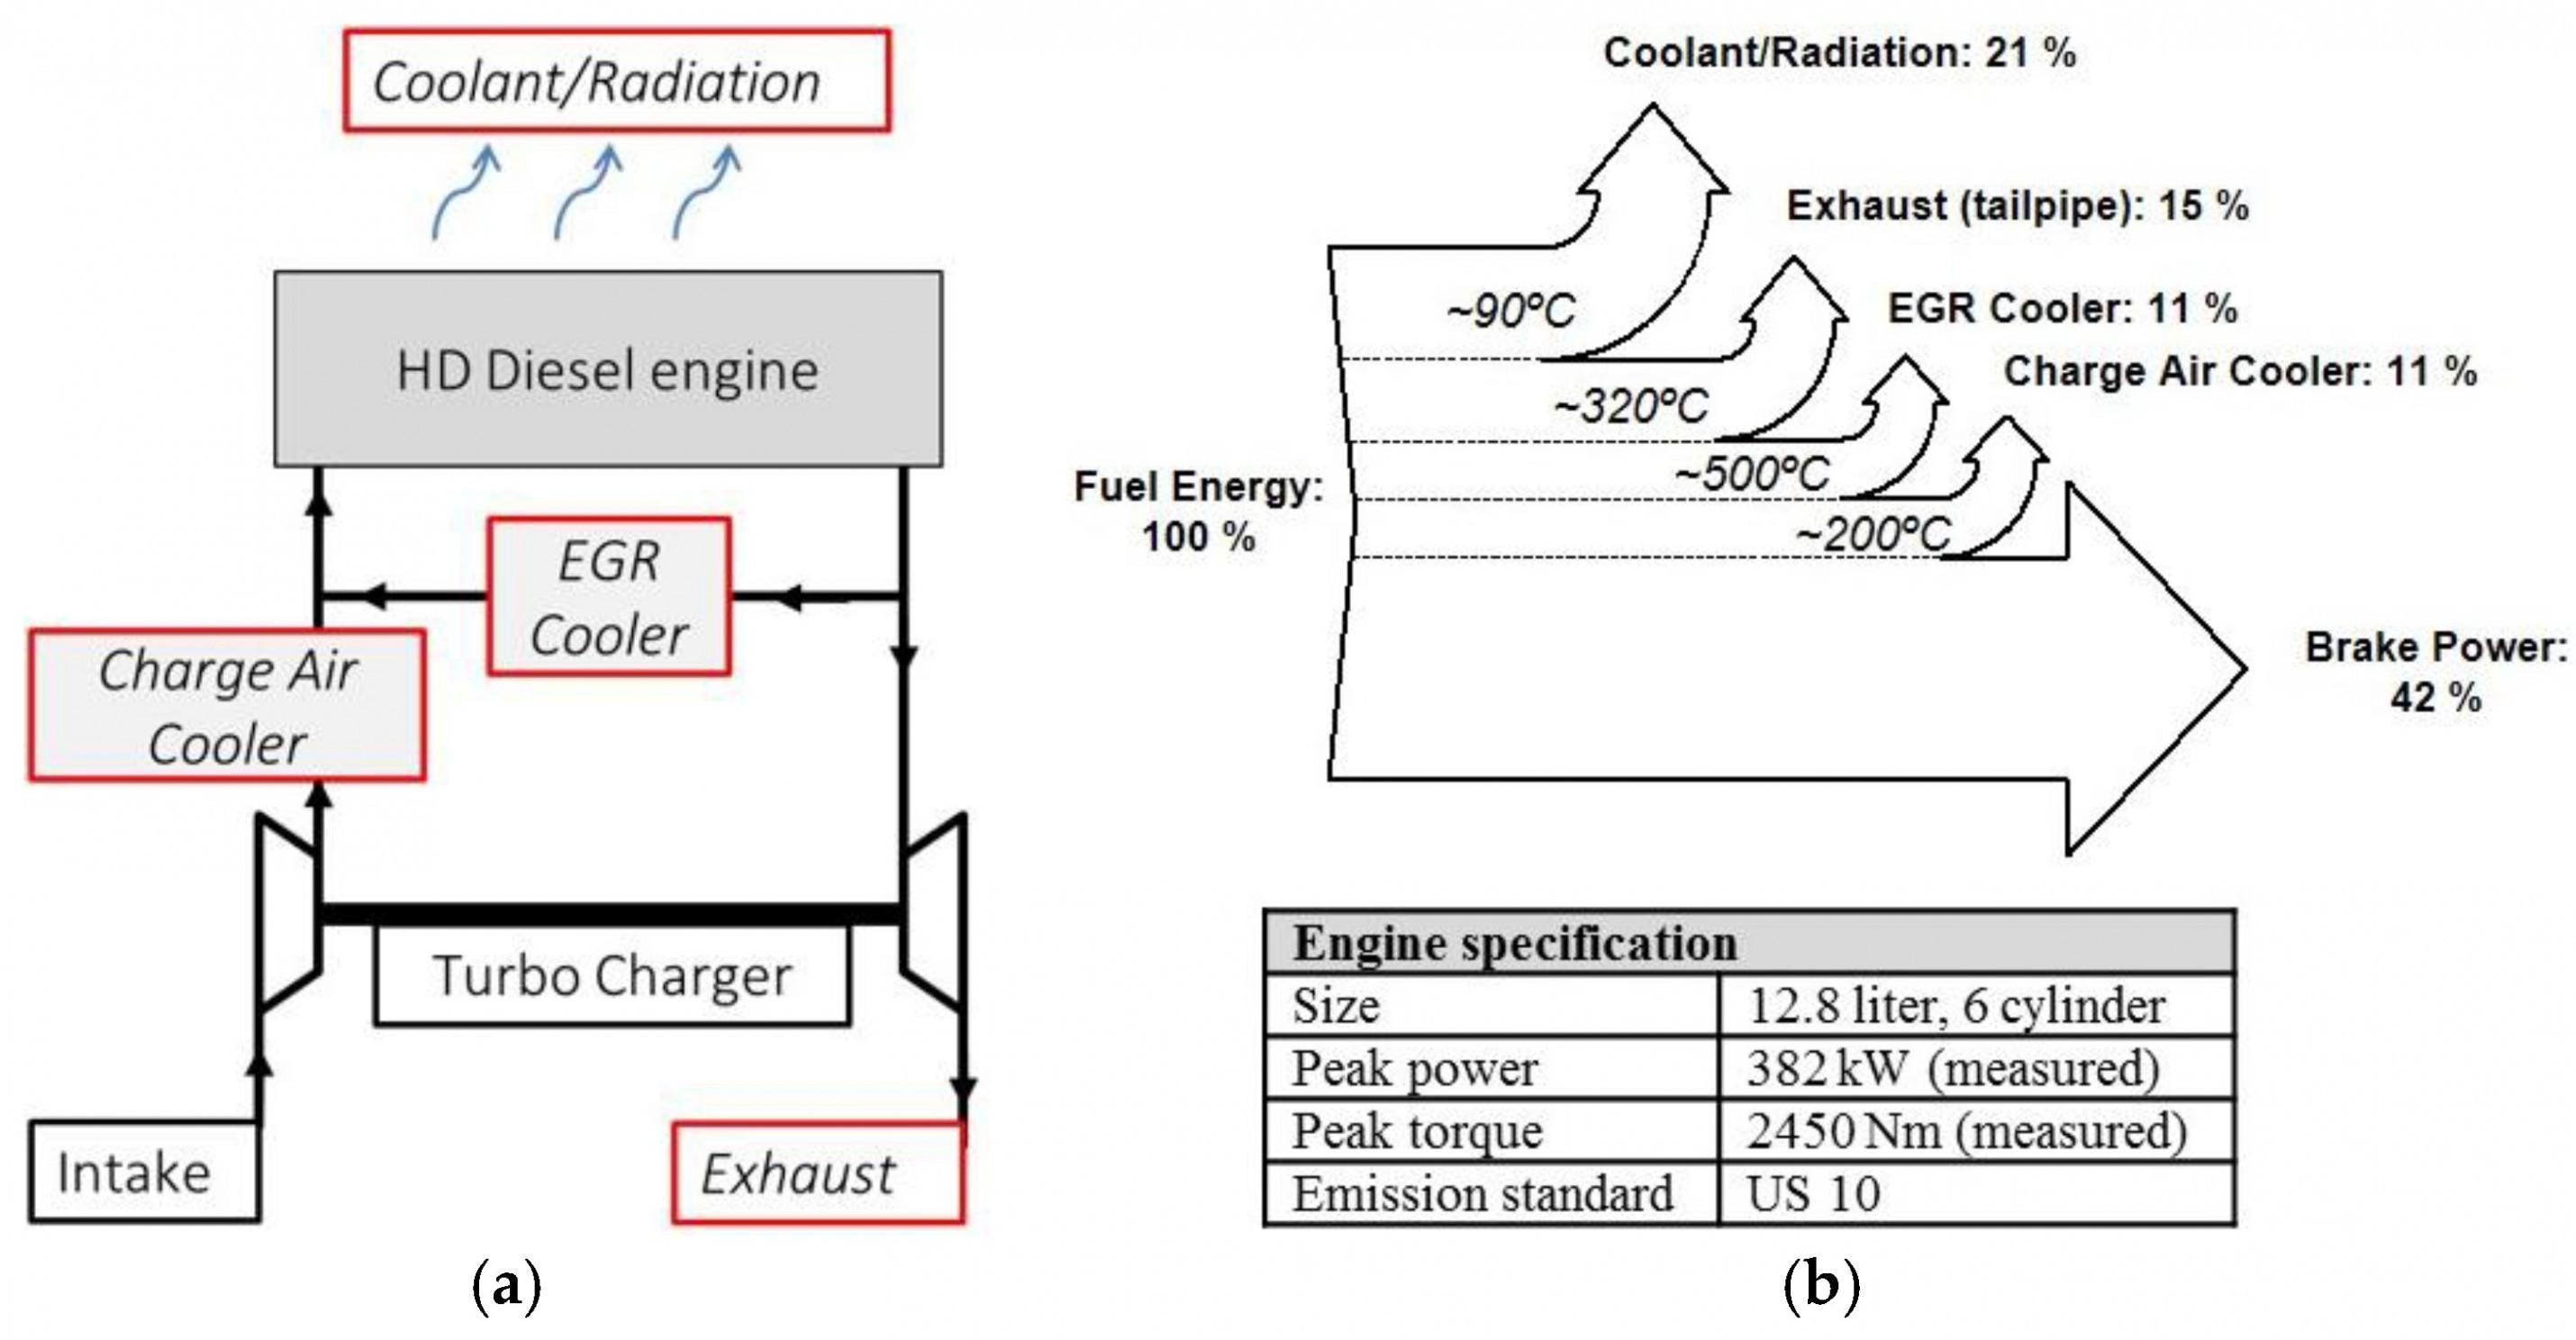 Diesel Engine Components Diagram Diesel Engine Diagram – Diagram A Diesel Engine Universal Ignition Of Diesel Engine Components Diagram